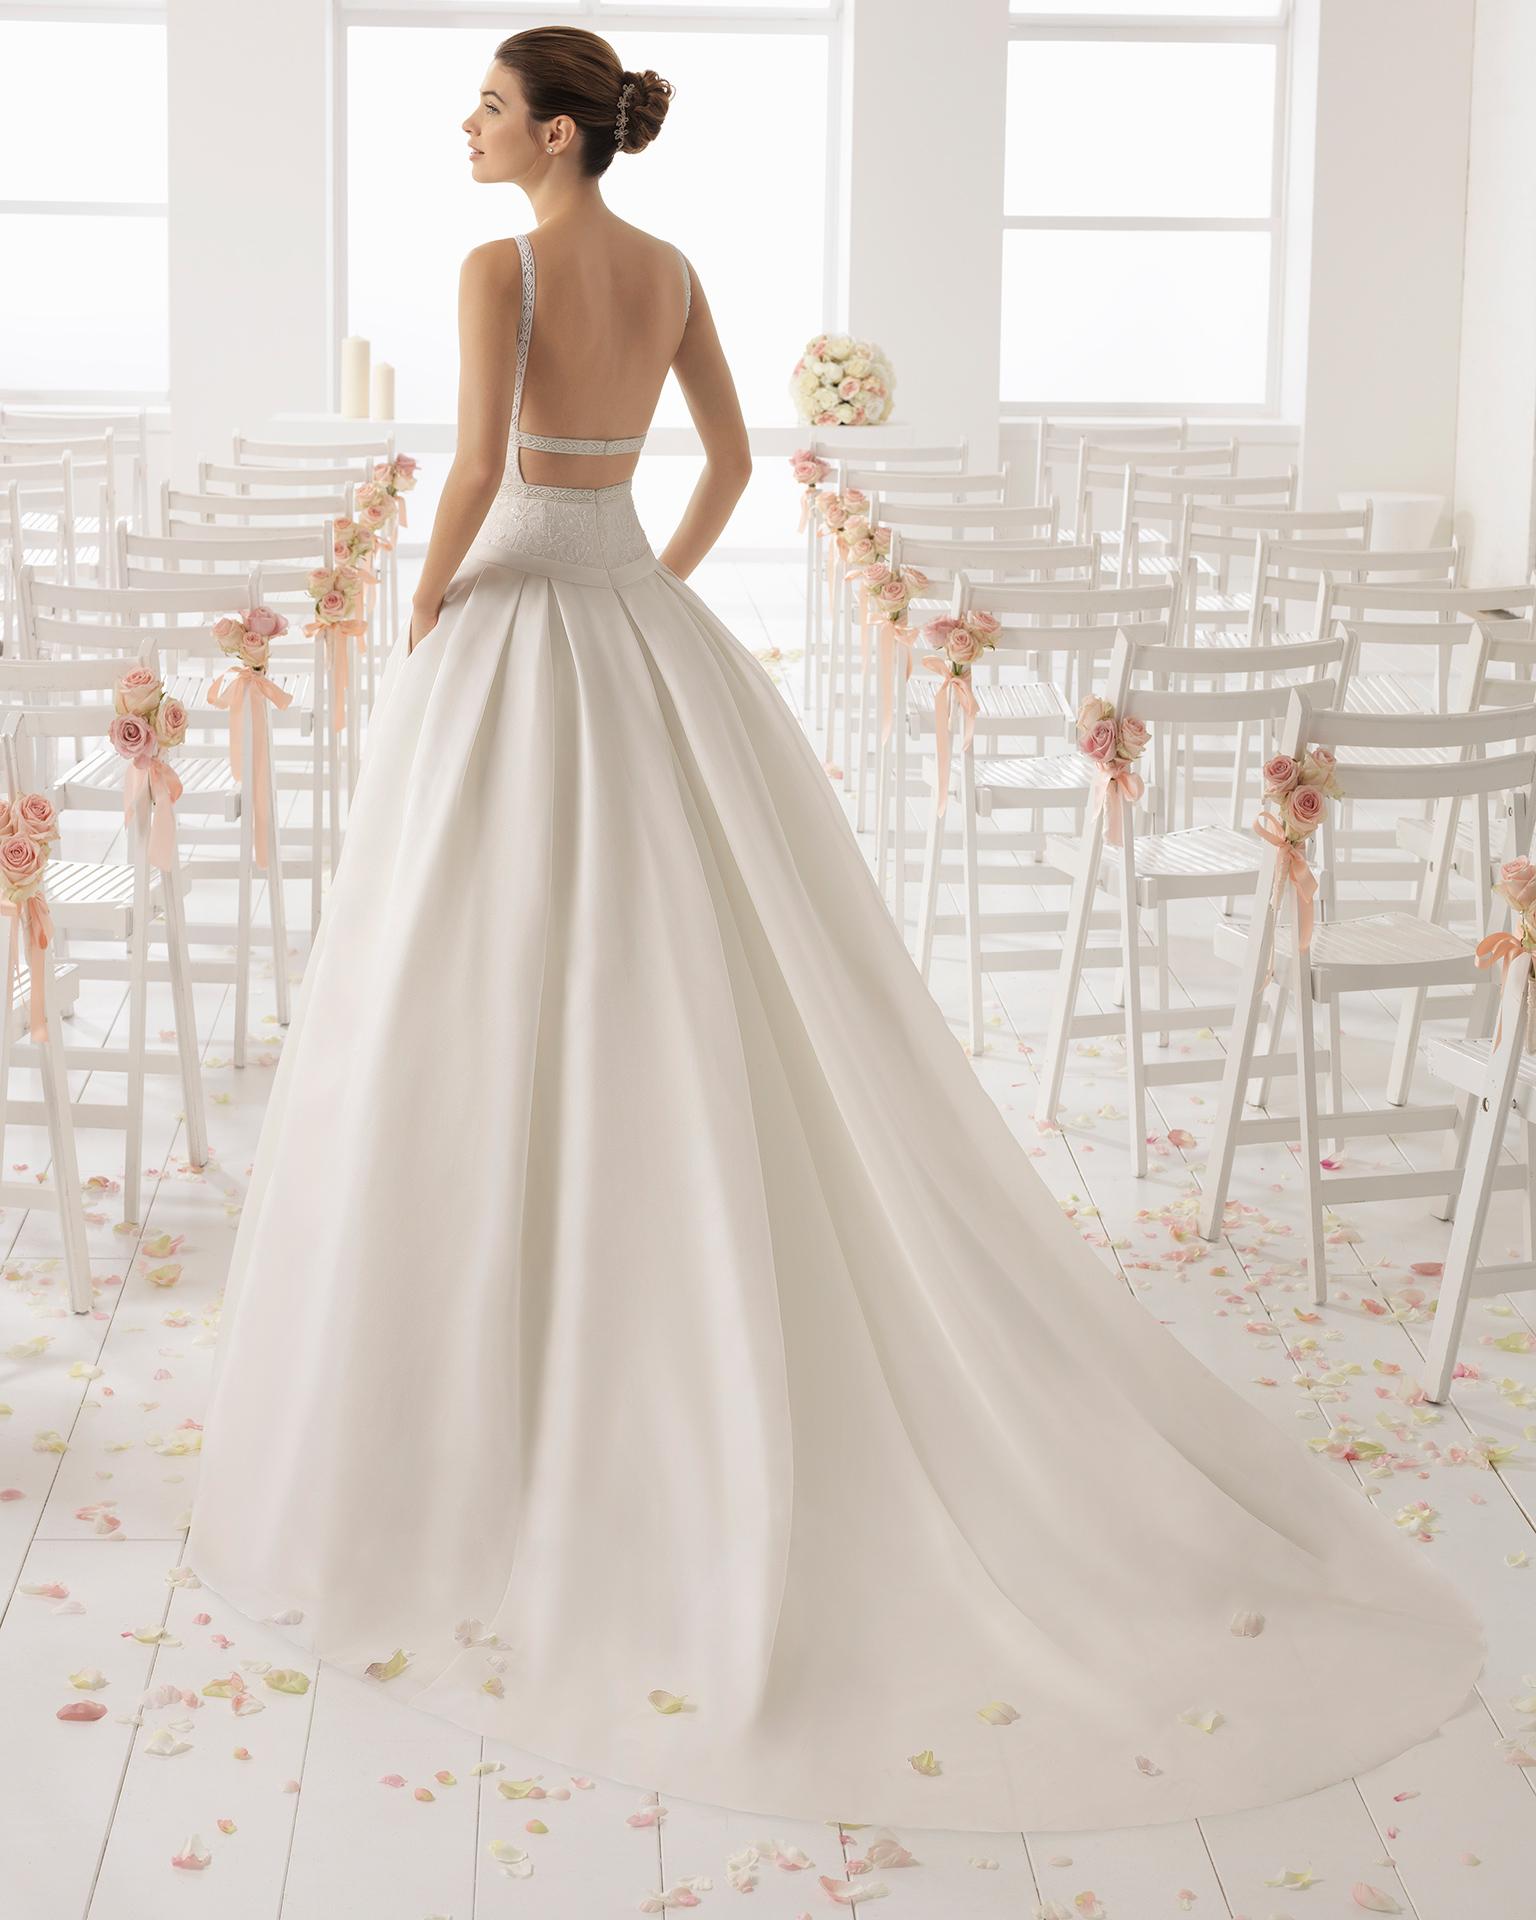 Abito da sposa stile romantico in organza, pizzo e strass, con scollo illusione e schiena scollata.